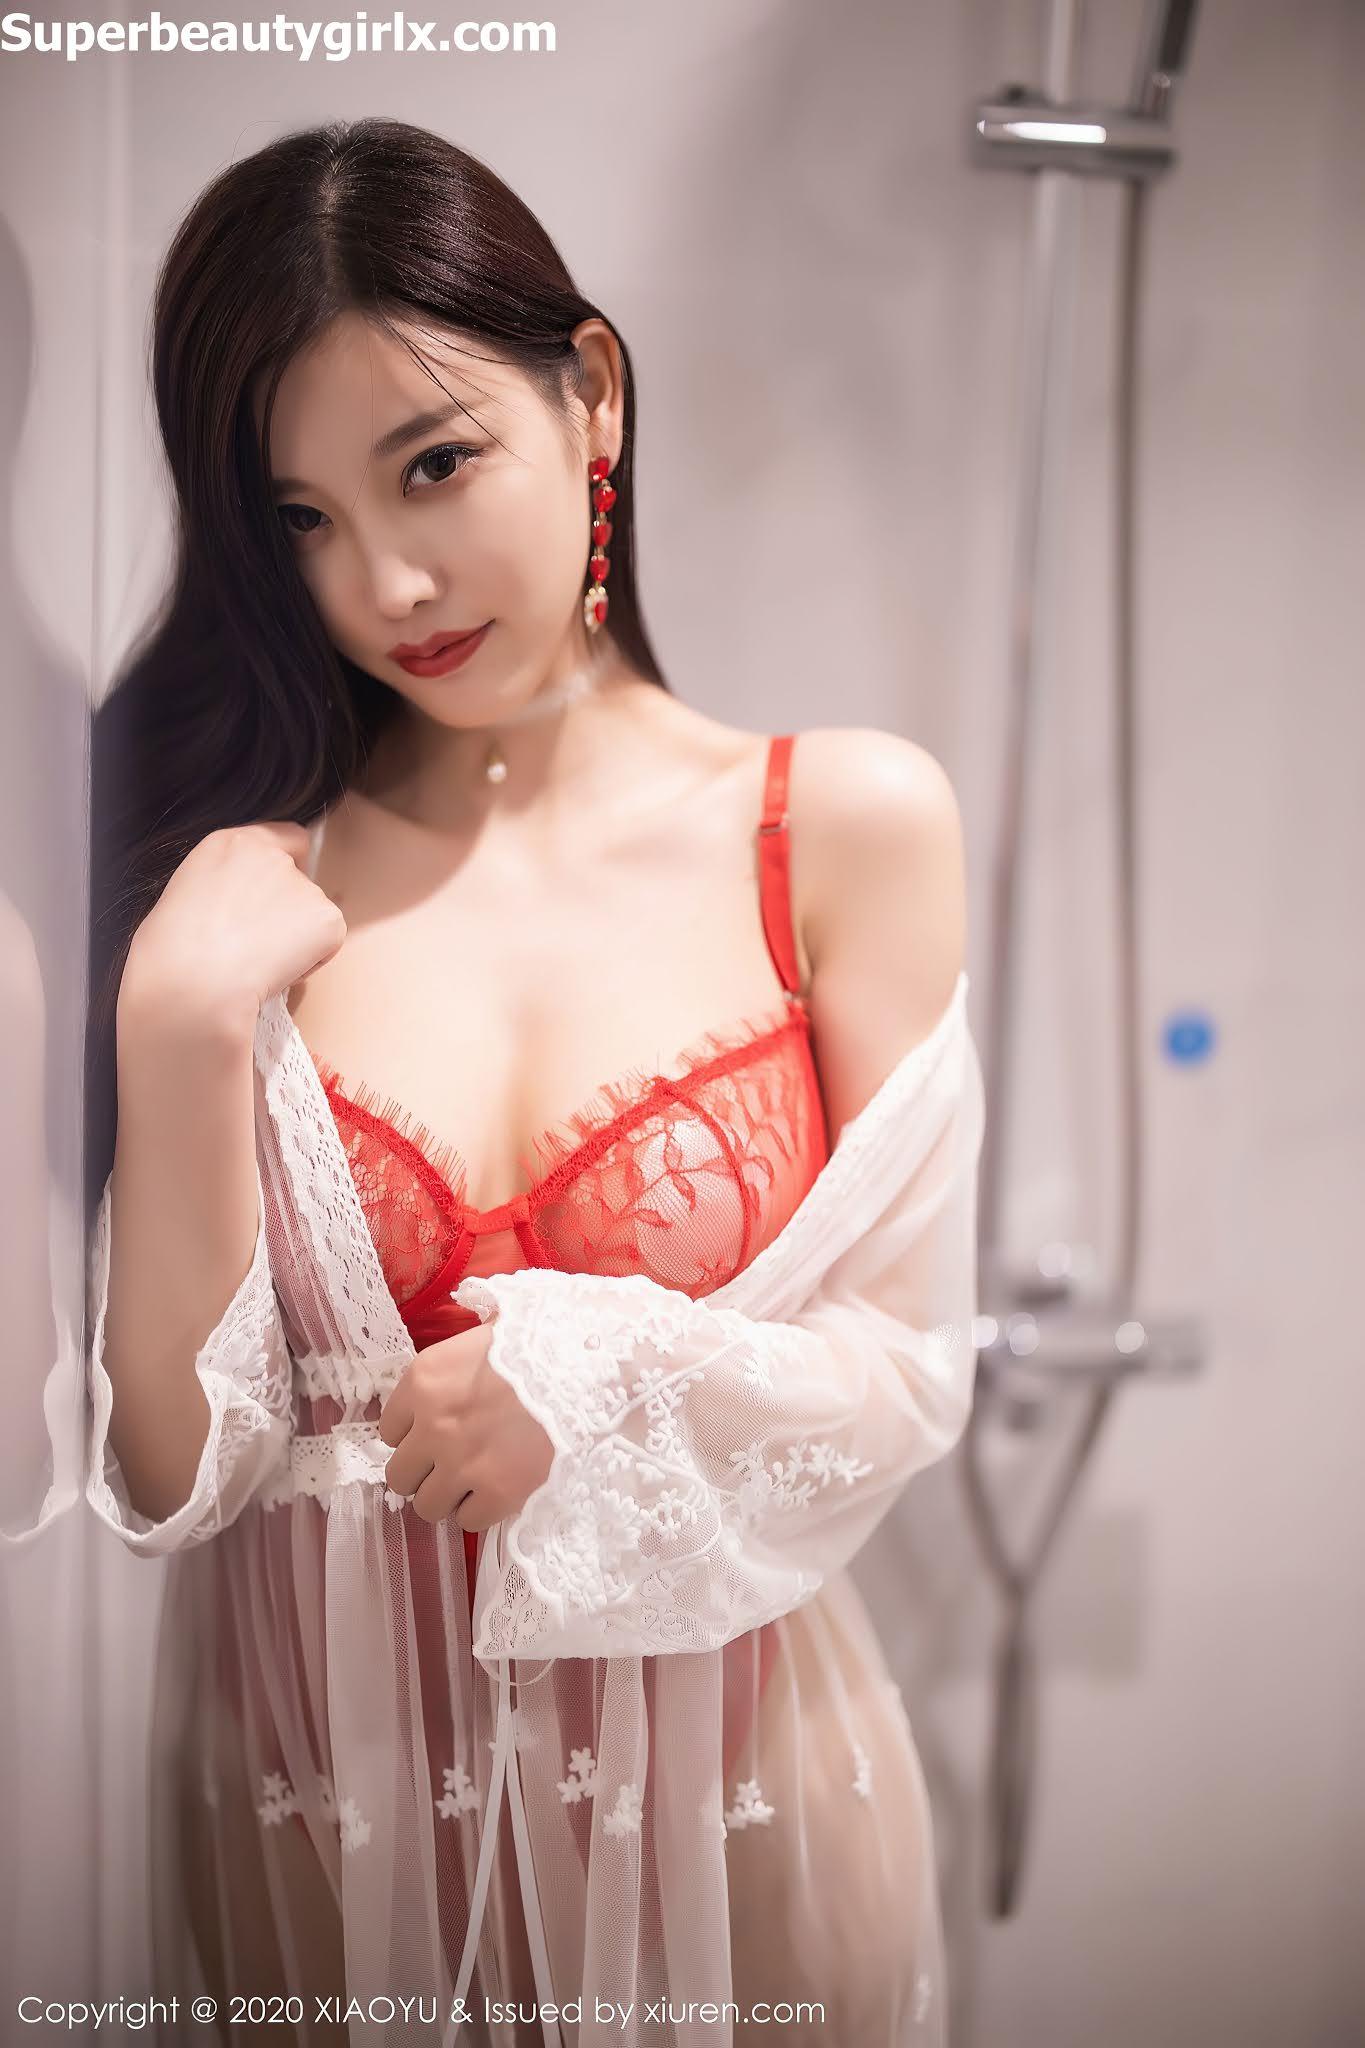 XiaoYu-Vol.413-Yang-Chen-Chen-sugar-Superbeautygirlx.com